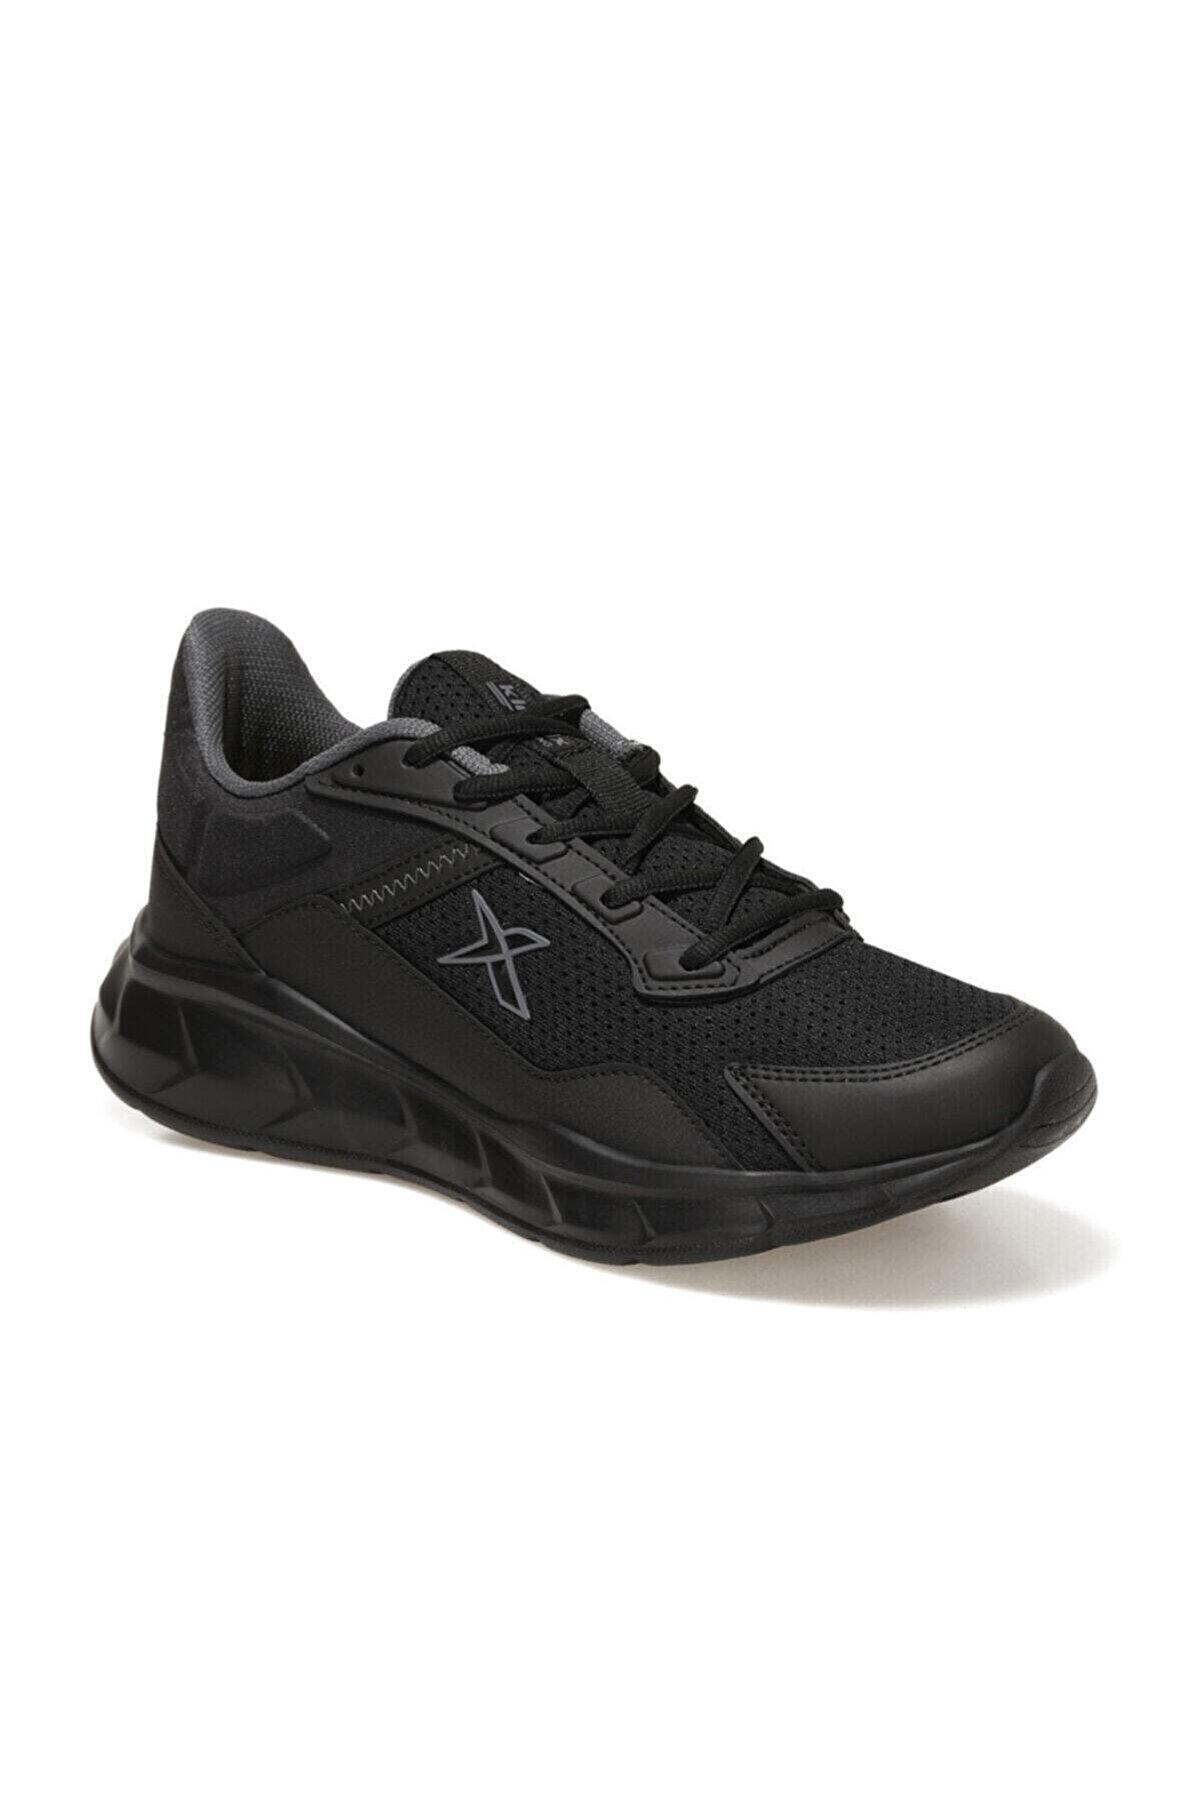 Kinetix Darıus 1fx Siyah Erkek Koşu Ayakkabısı